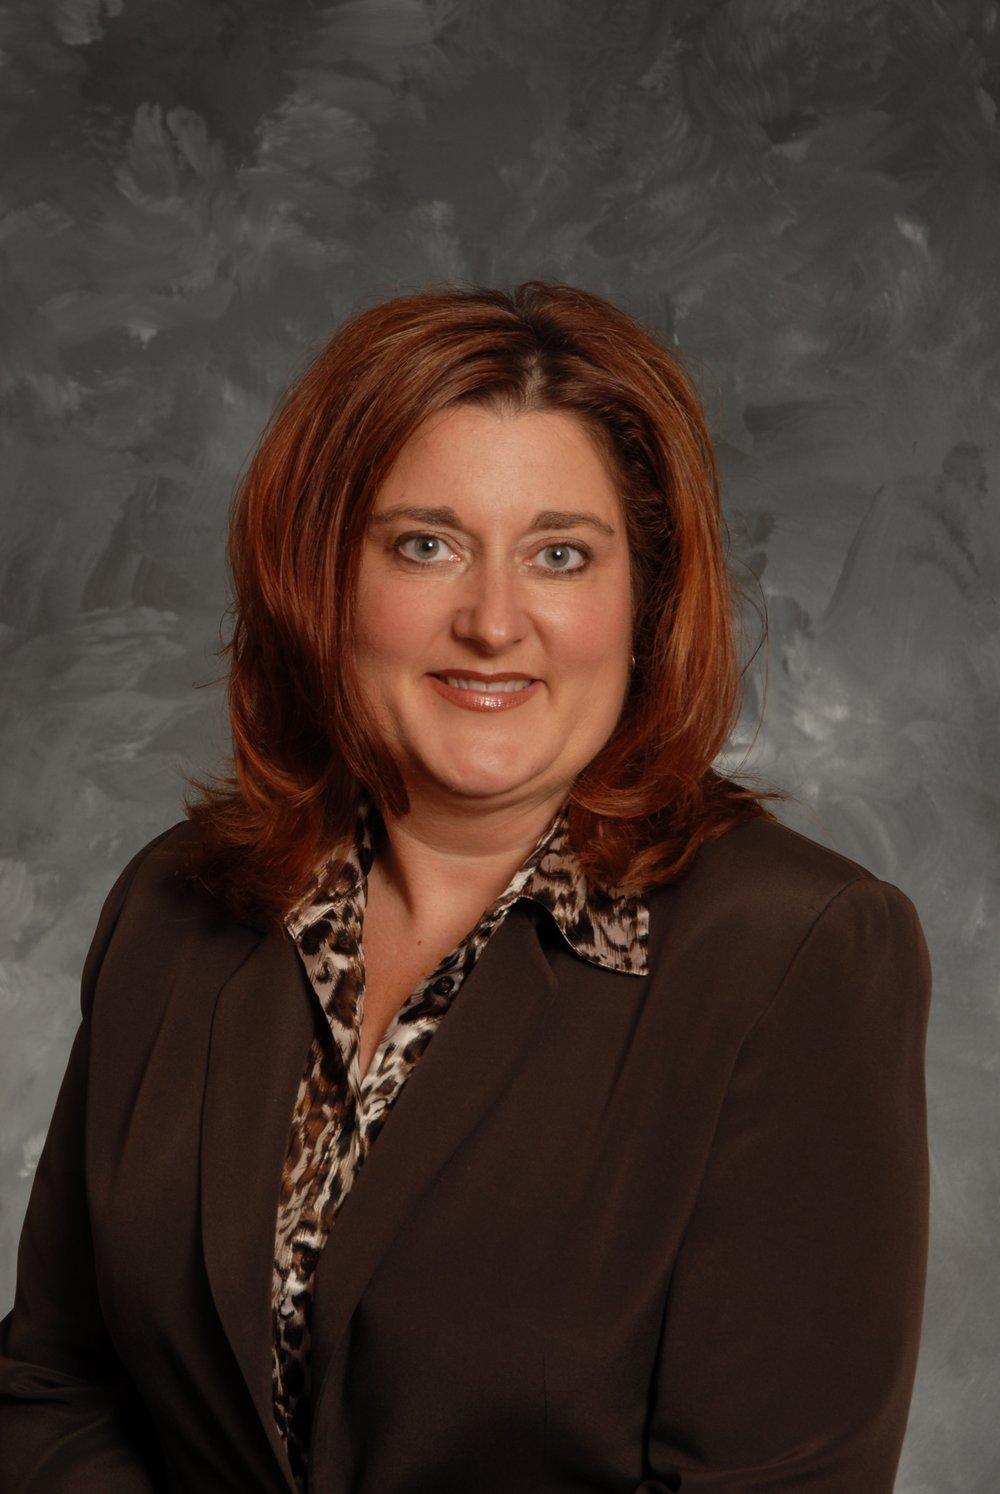 SueAnn Naso<br>Secretary <br>President <br> Staffing Solutions Enterprises